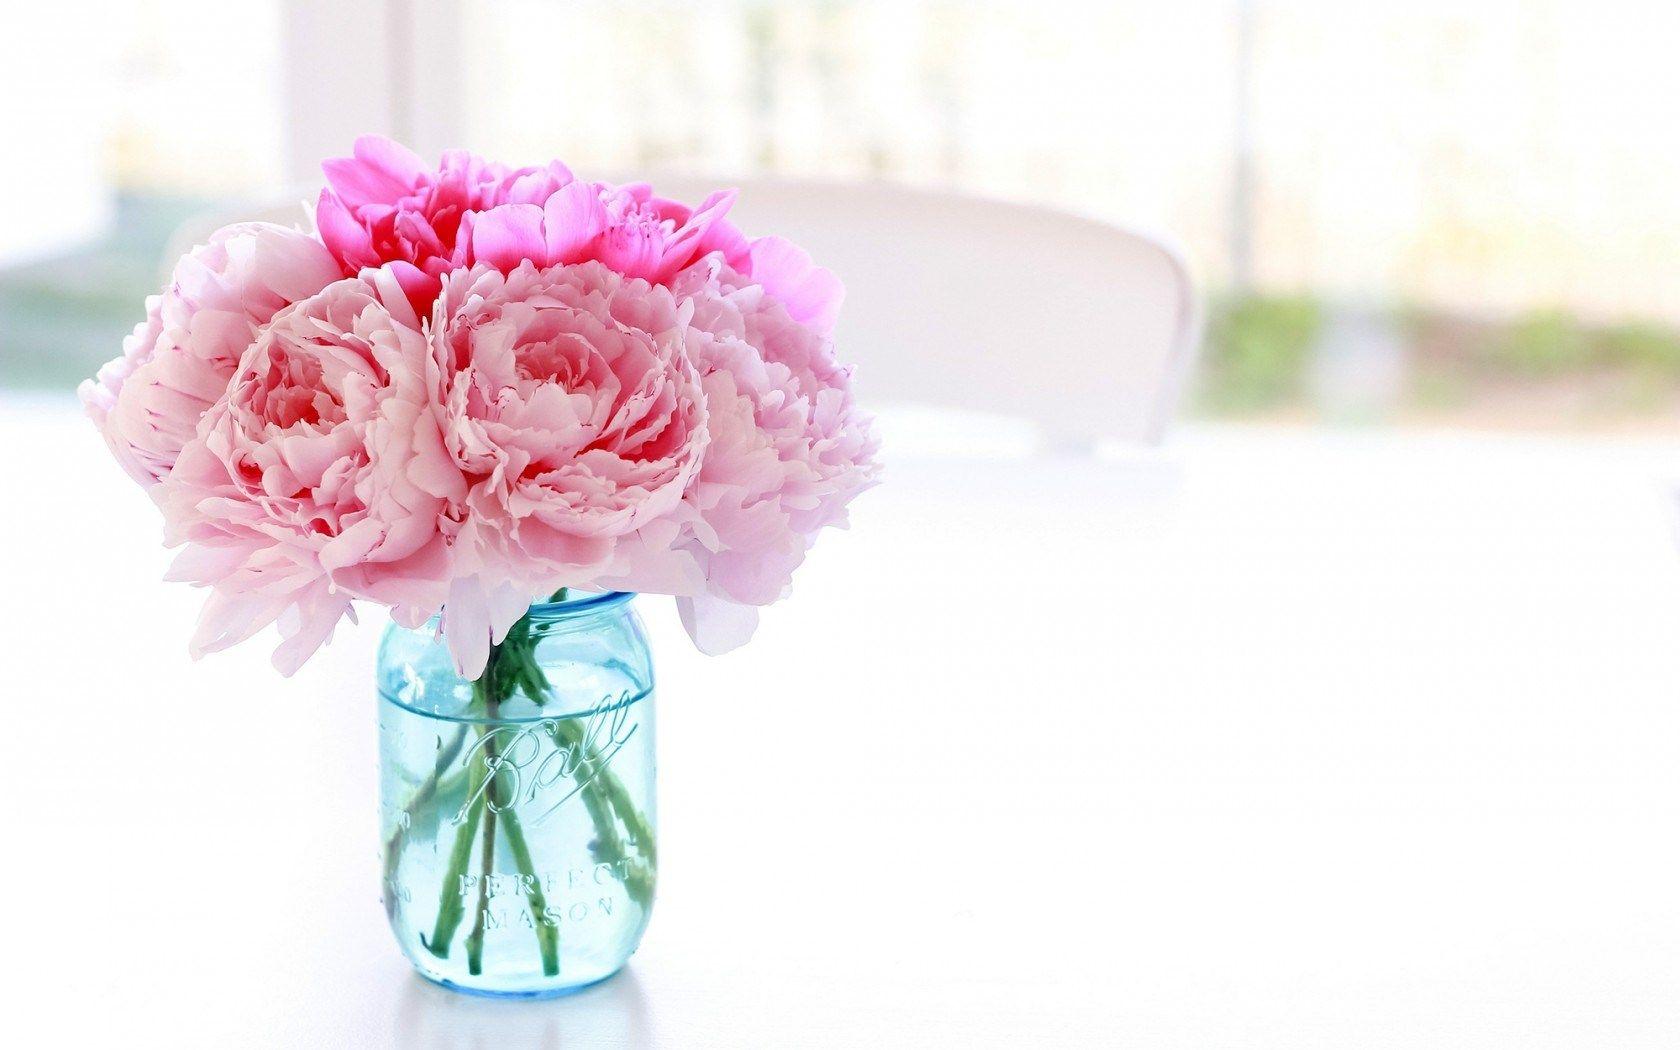 Peonies flowers pink jar flowers pinterest peony flower peony peonies flowers pink jar izmirmasajfo Images